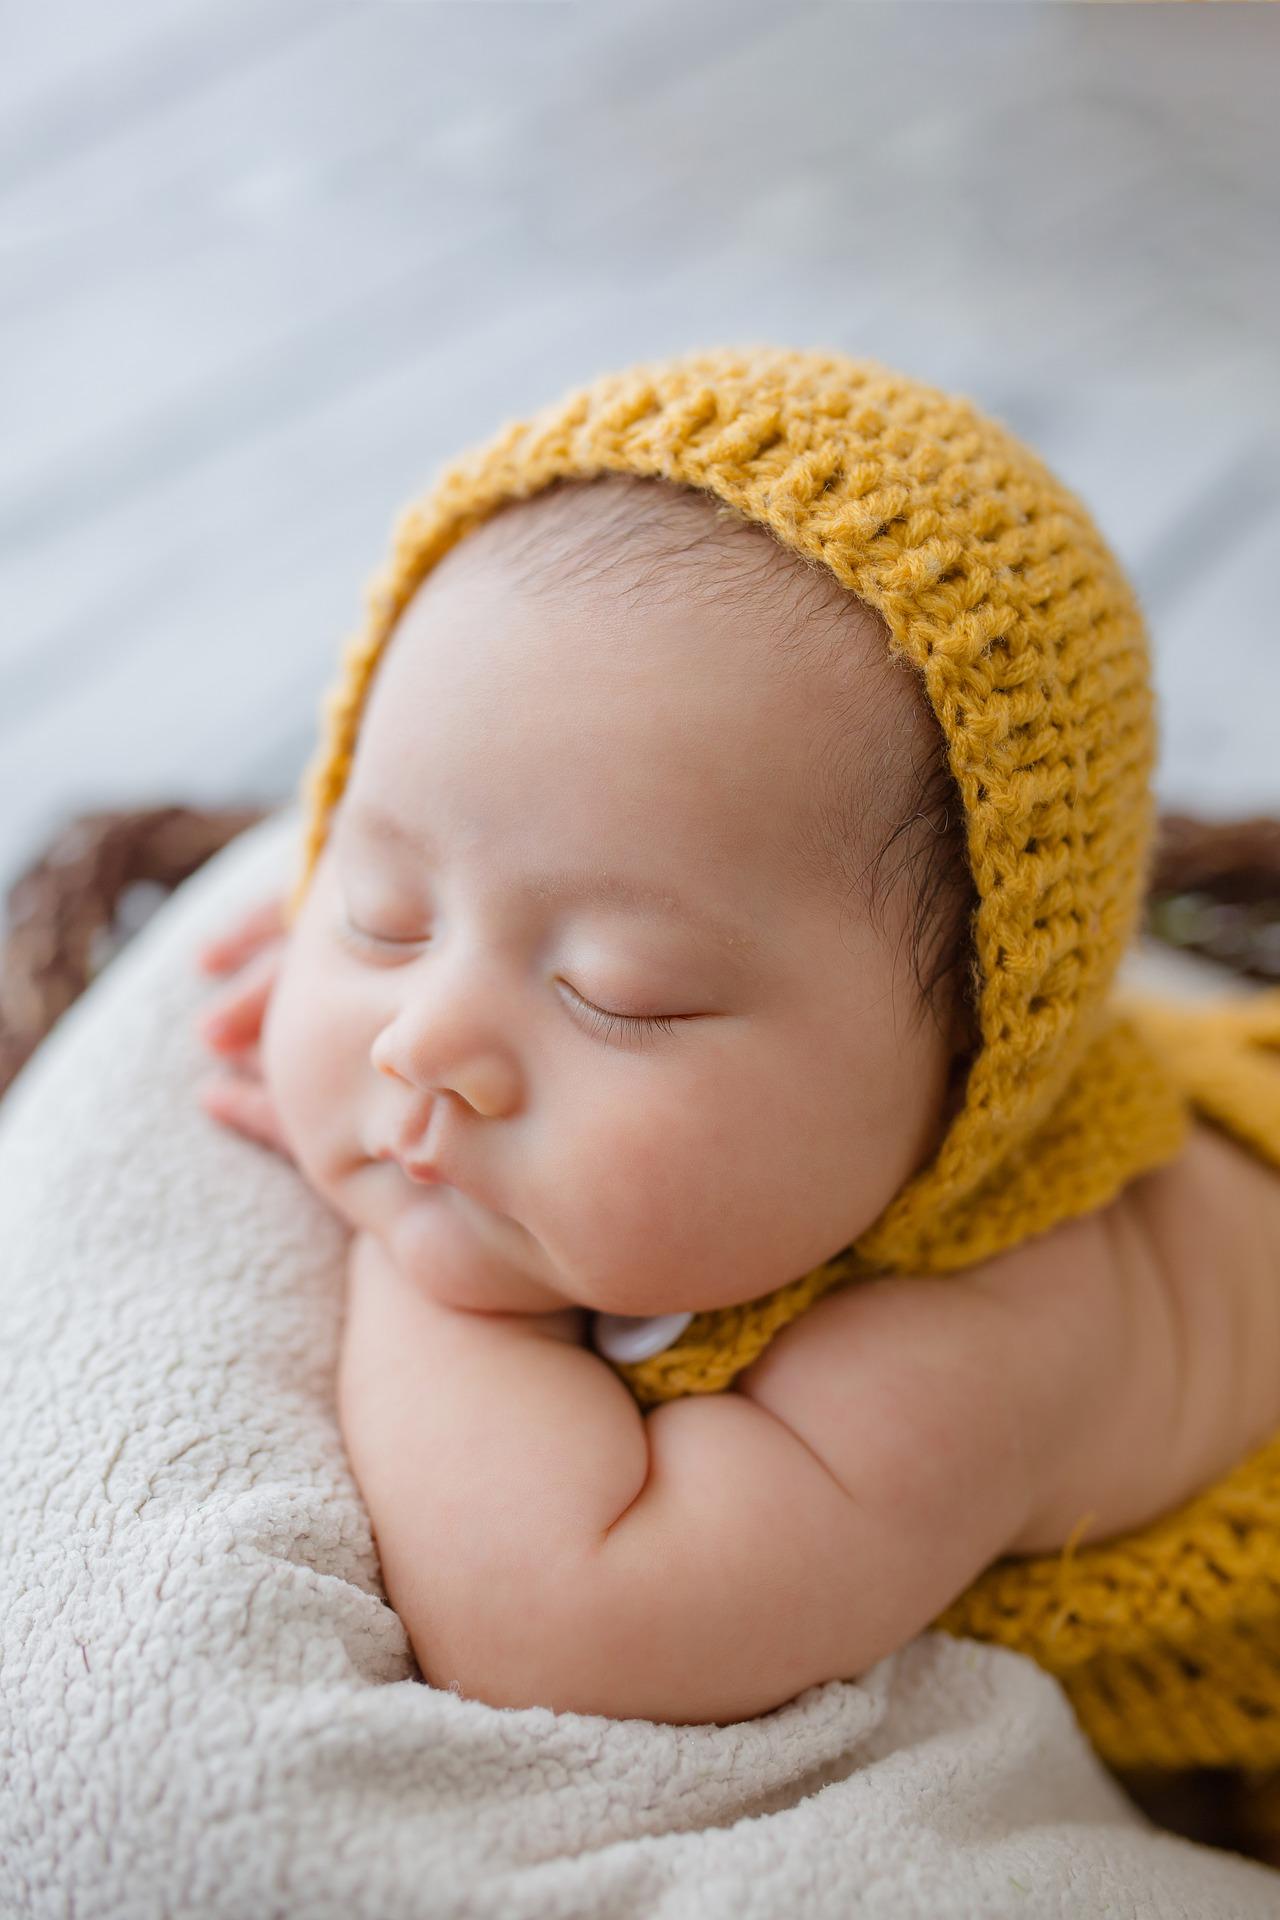 LGA - Mam - bébé.jpg